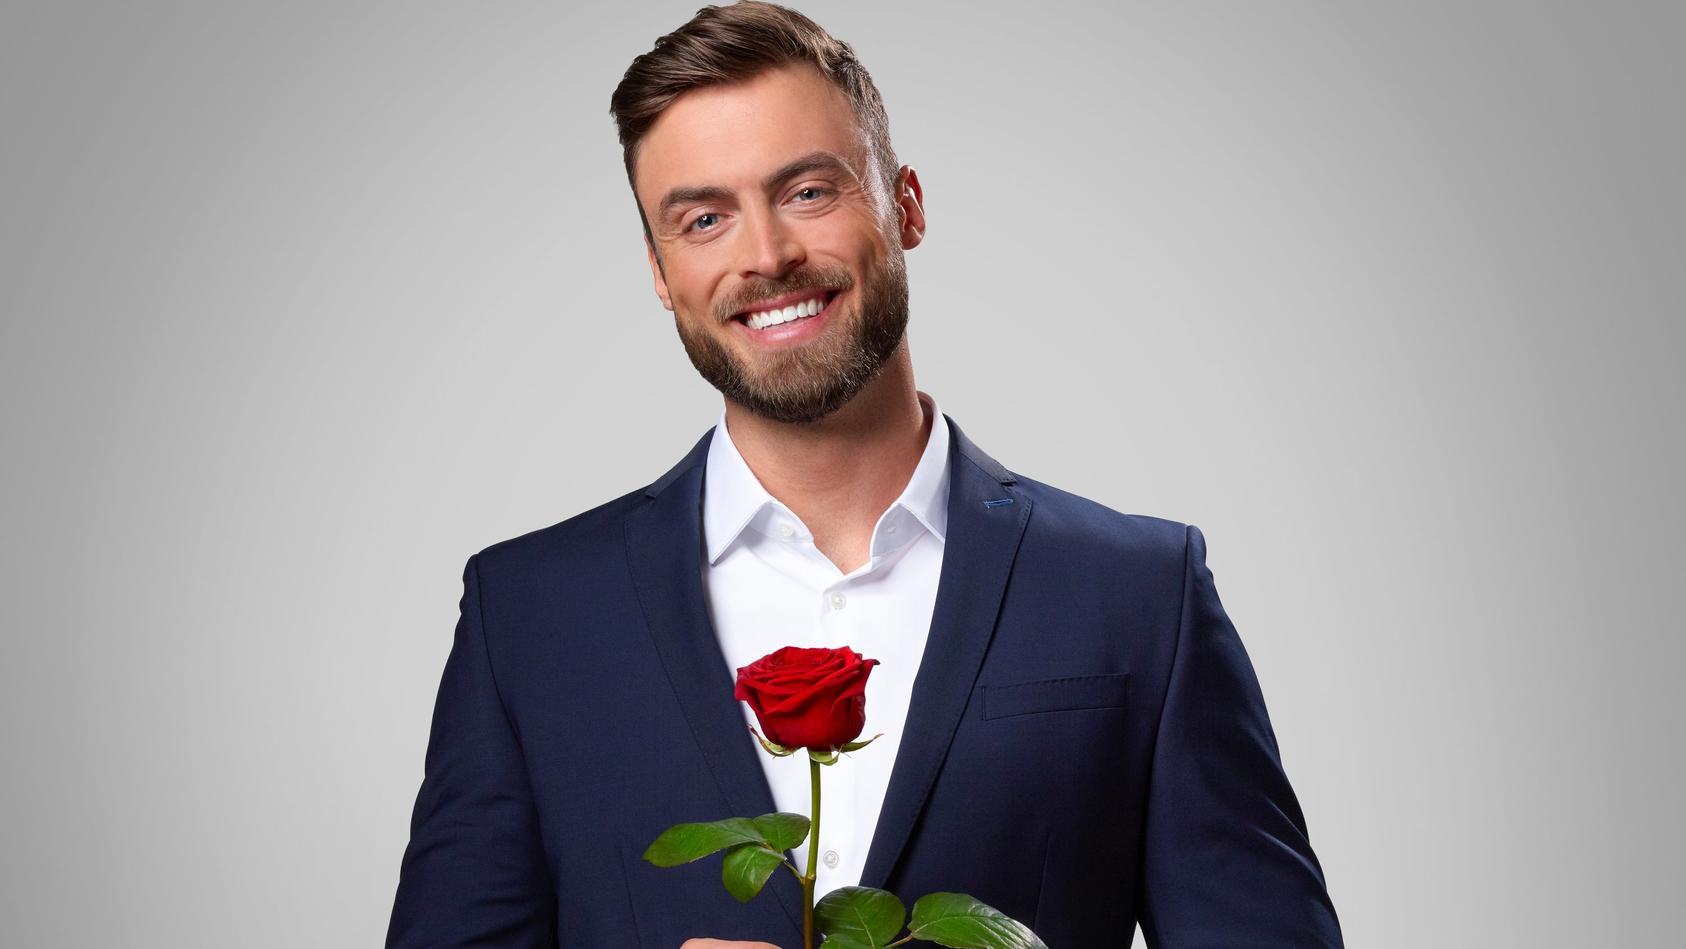 """Niko Griesert wird 2021 als """"Bachelor"""" die Rosen verteilen."""